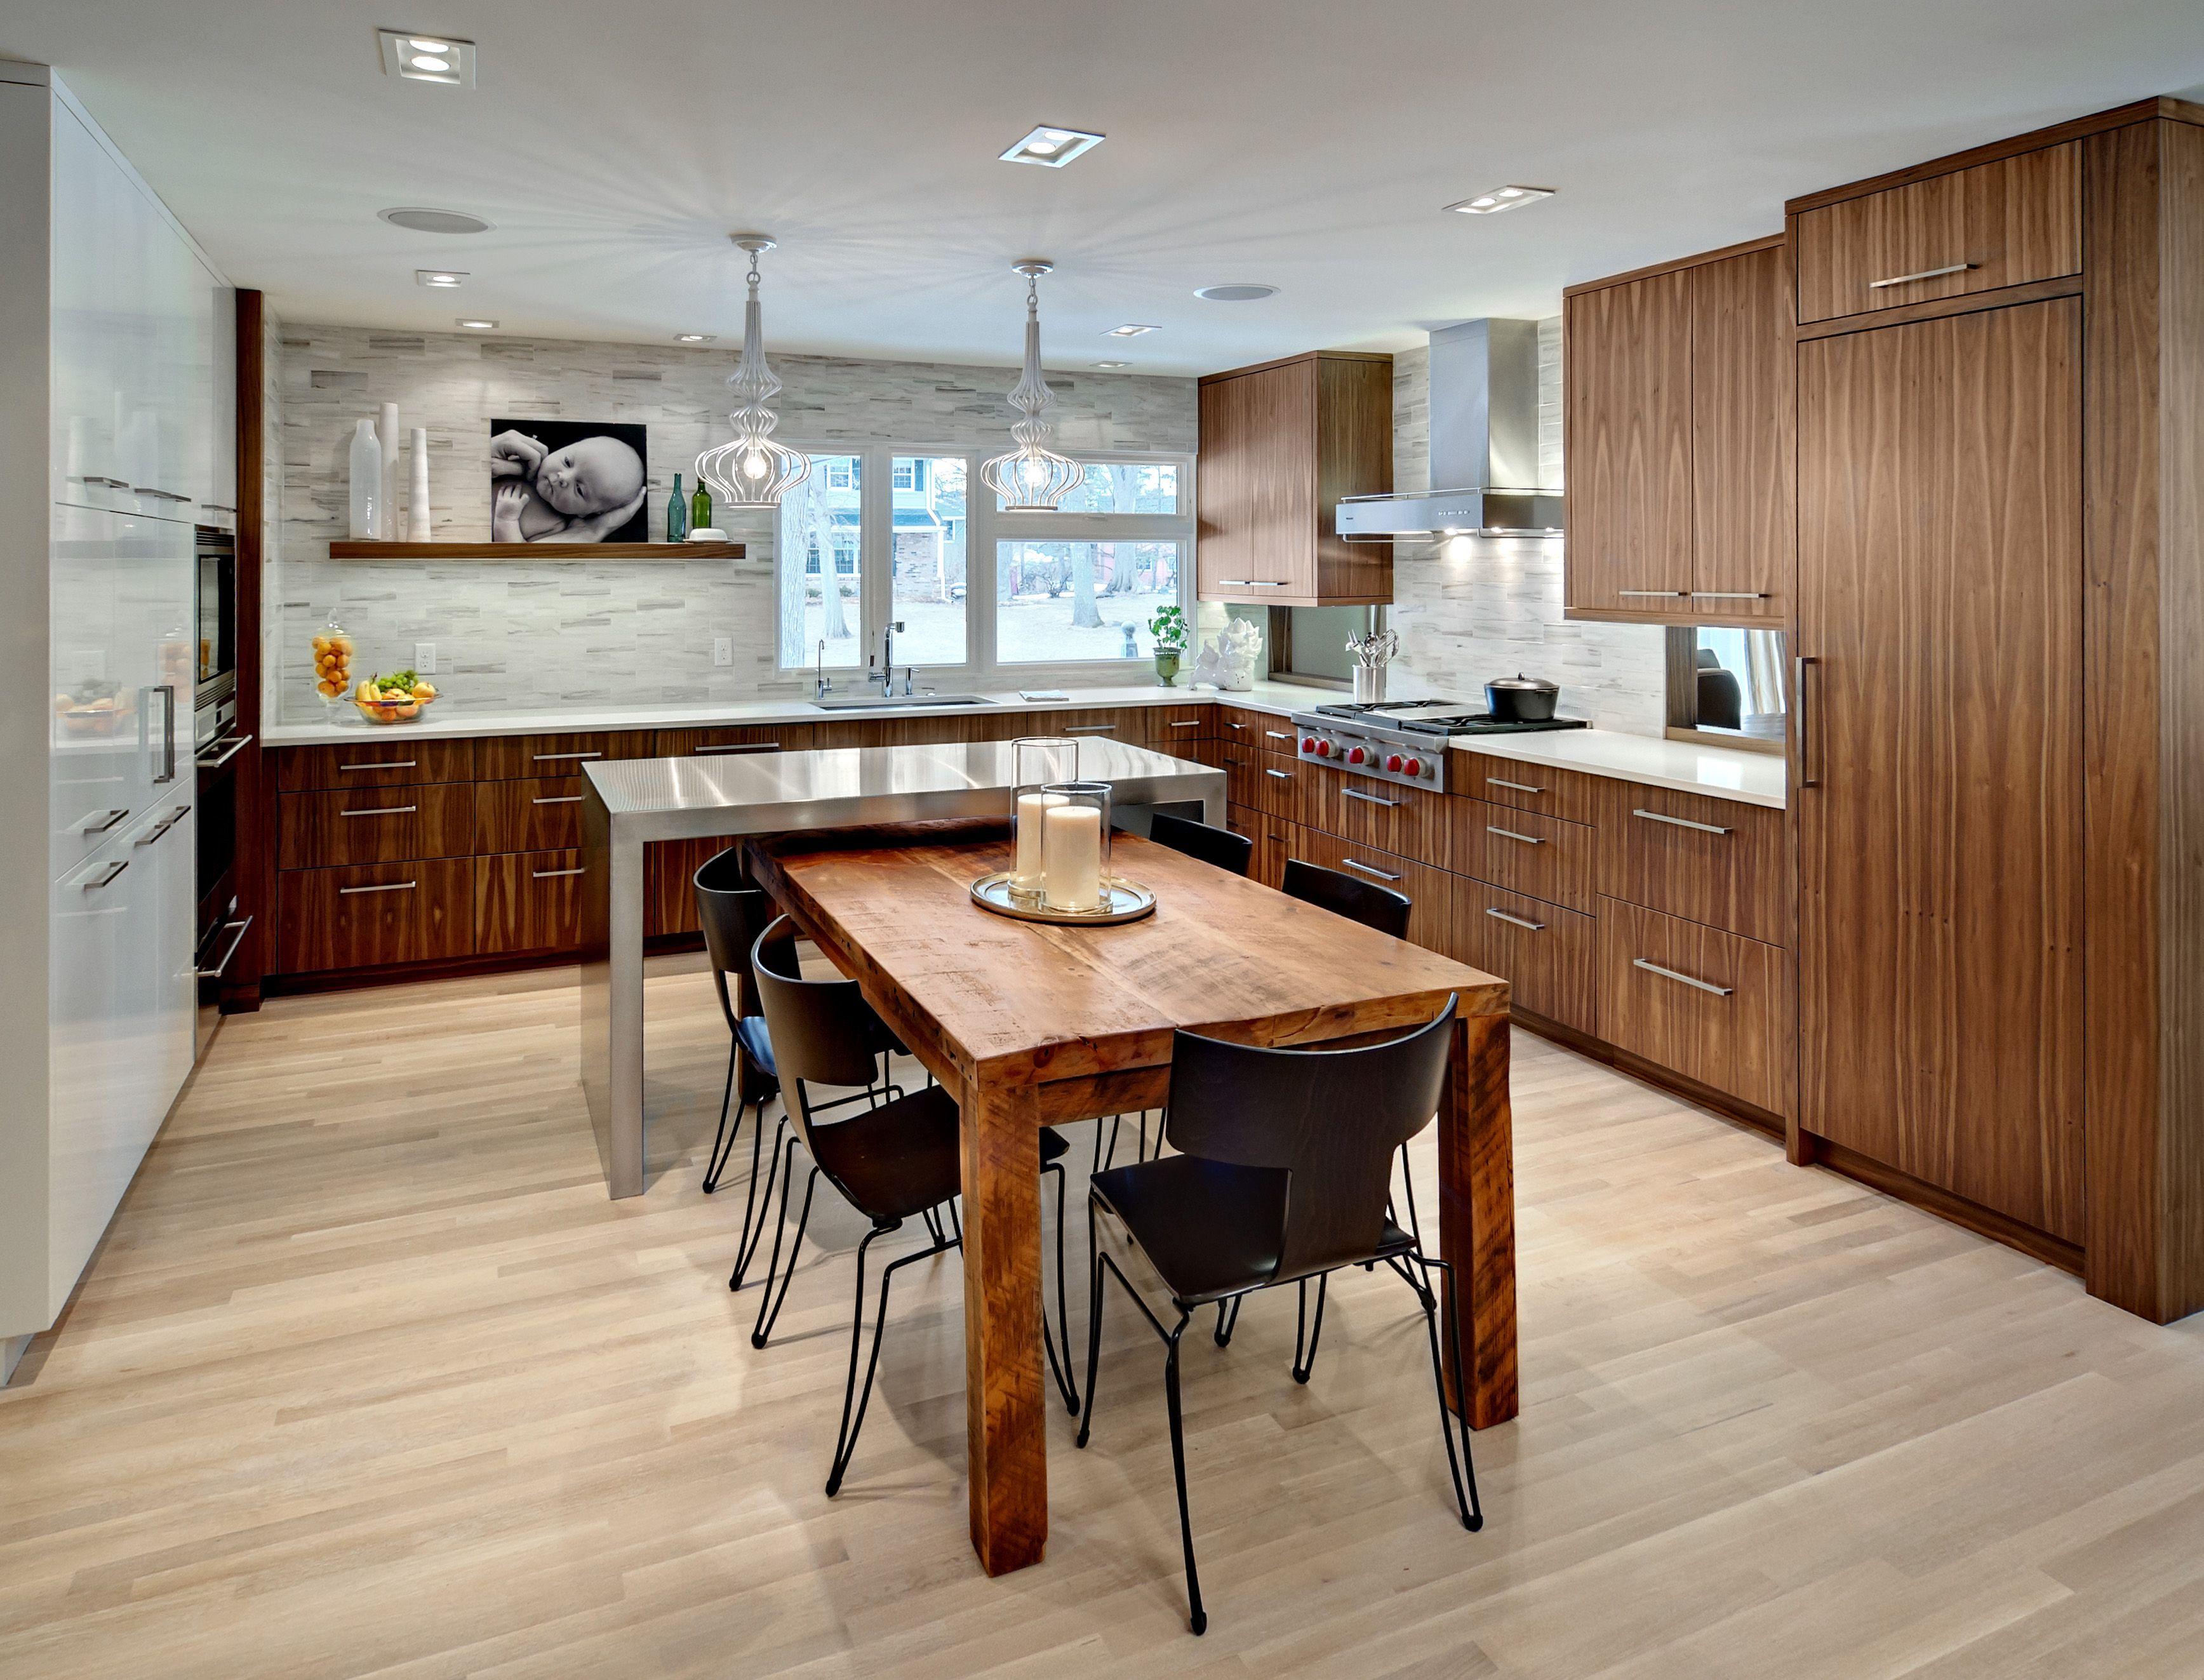 Residential Kitchen Under 250 Sf Pure Simple Brandi Hagen Allied Asid Eminent Interior Design Eminentid Com Kitchen Interior Kitchen Design Interior